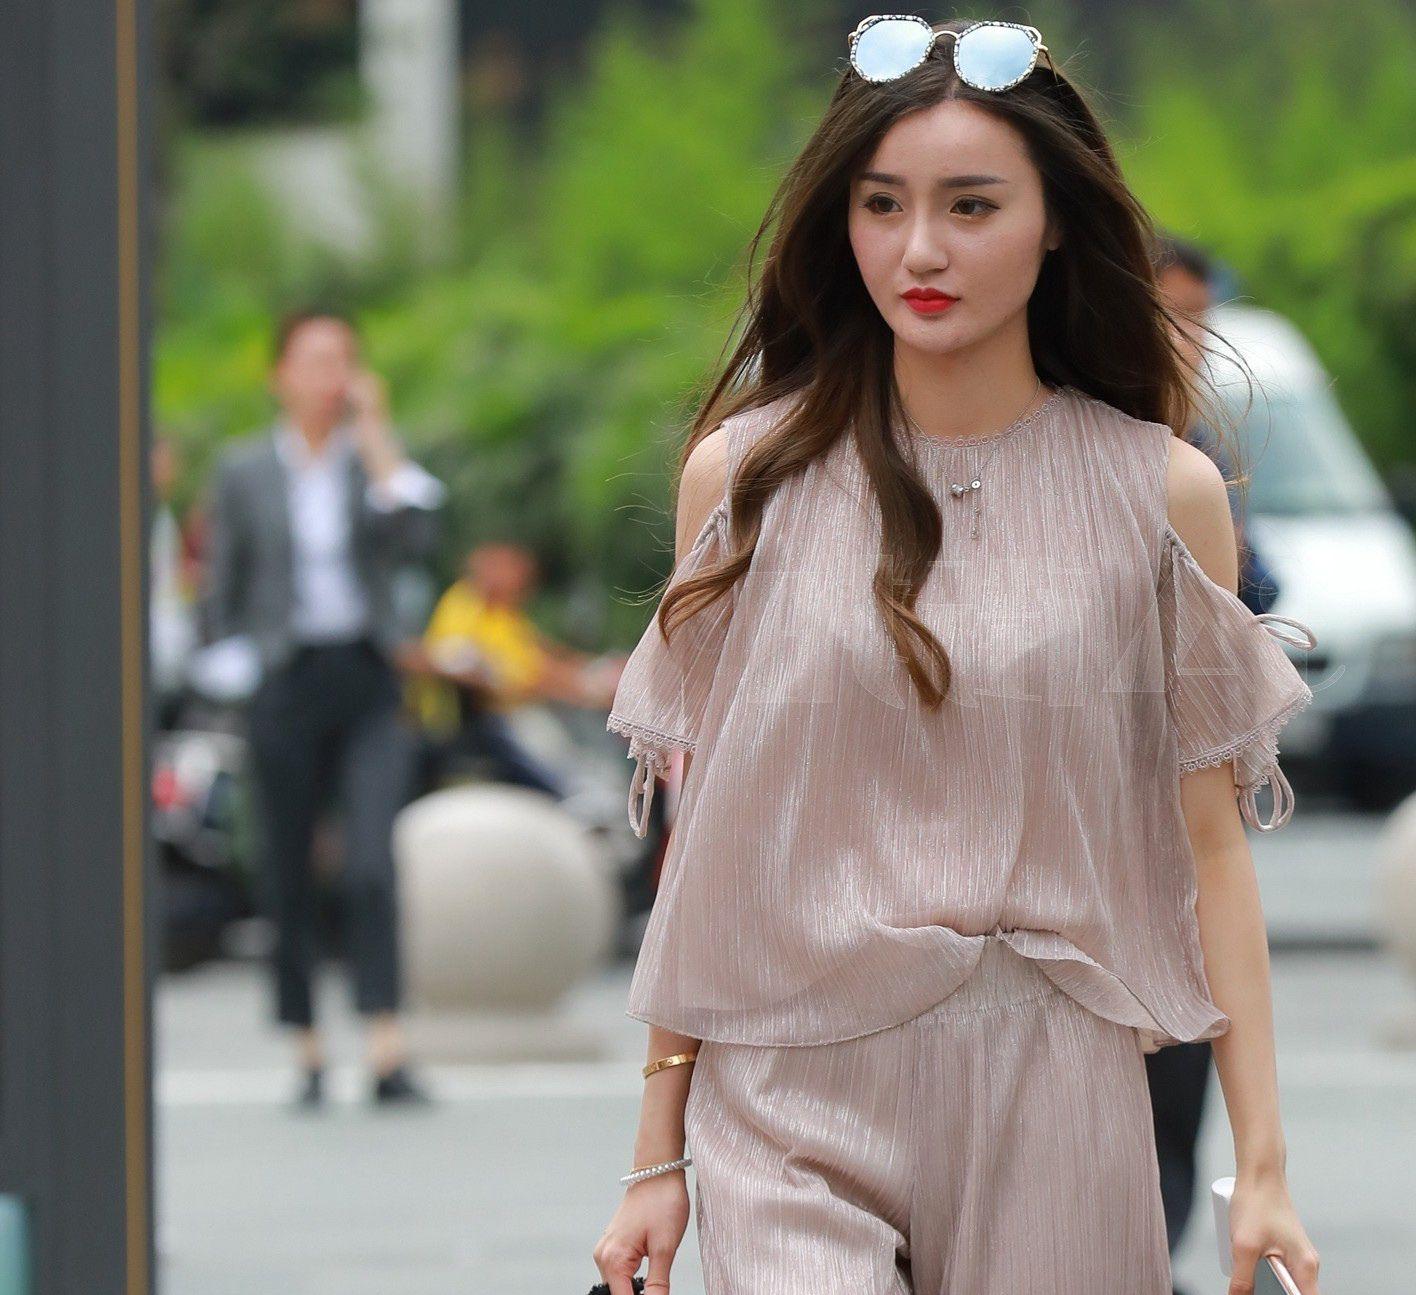 街拍:轻熟女范儿小姐姐粉色薄纱尽显知性美,散乱的秀发更迷人